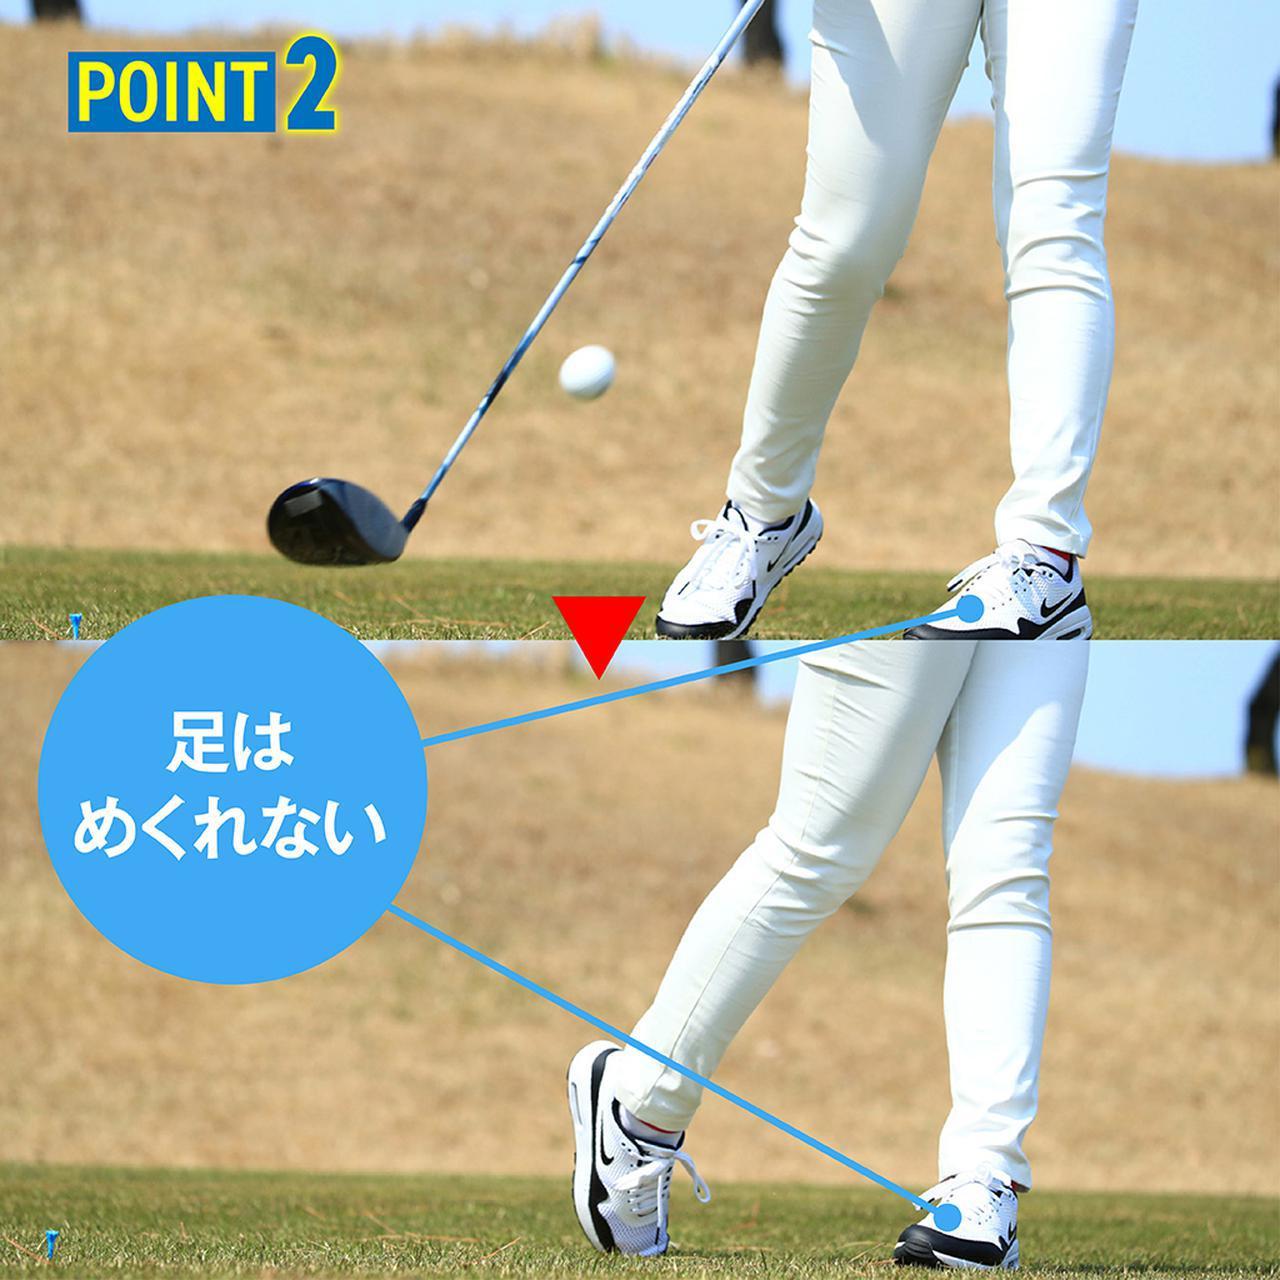 画像: ポイント② フォローでは 左足の内側で踏ん張る